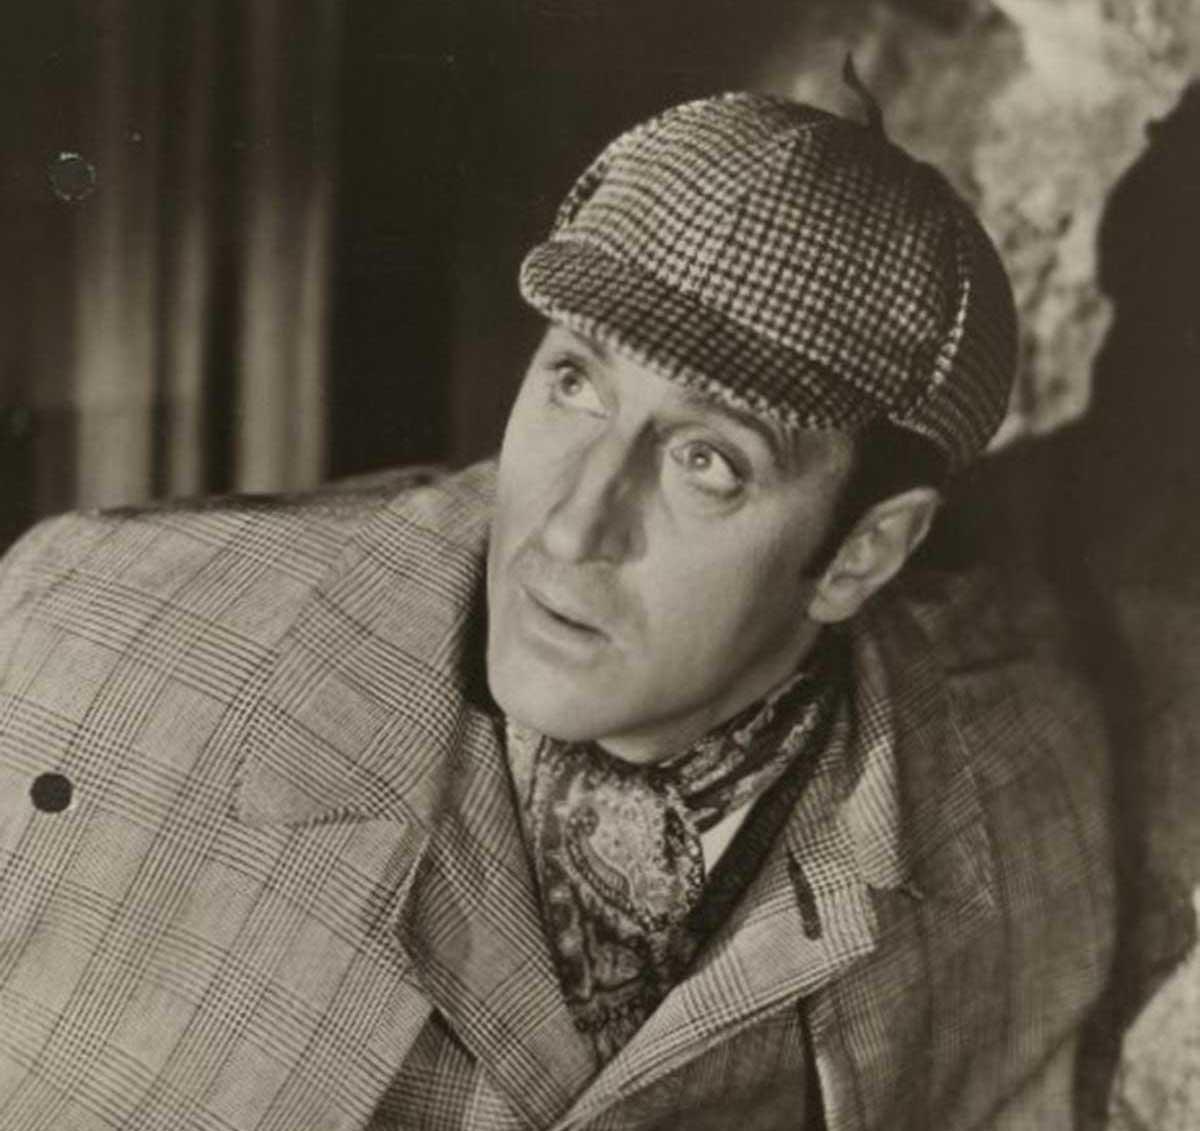 Basil_Rathbone_Sherlock_Holmes